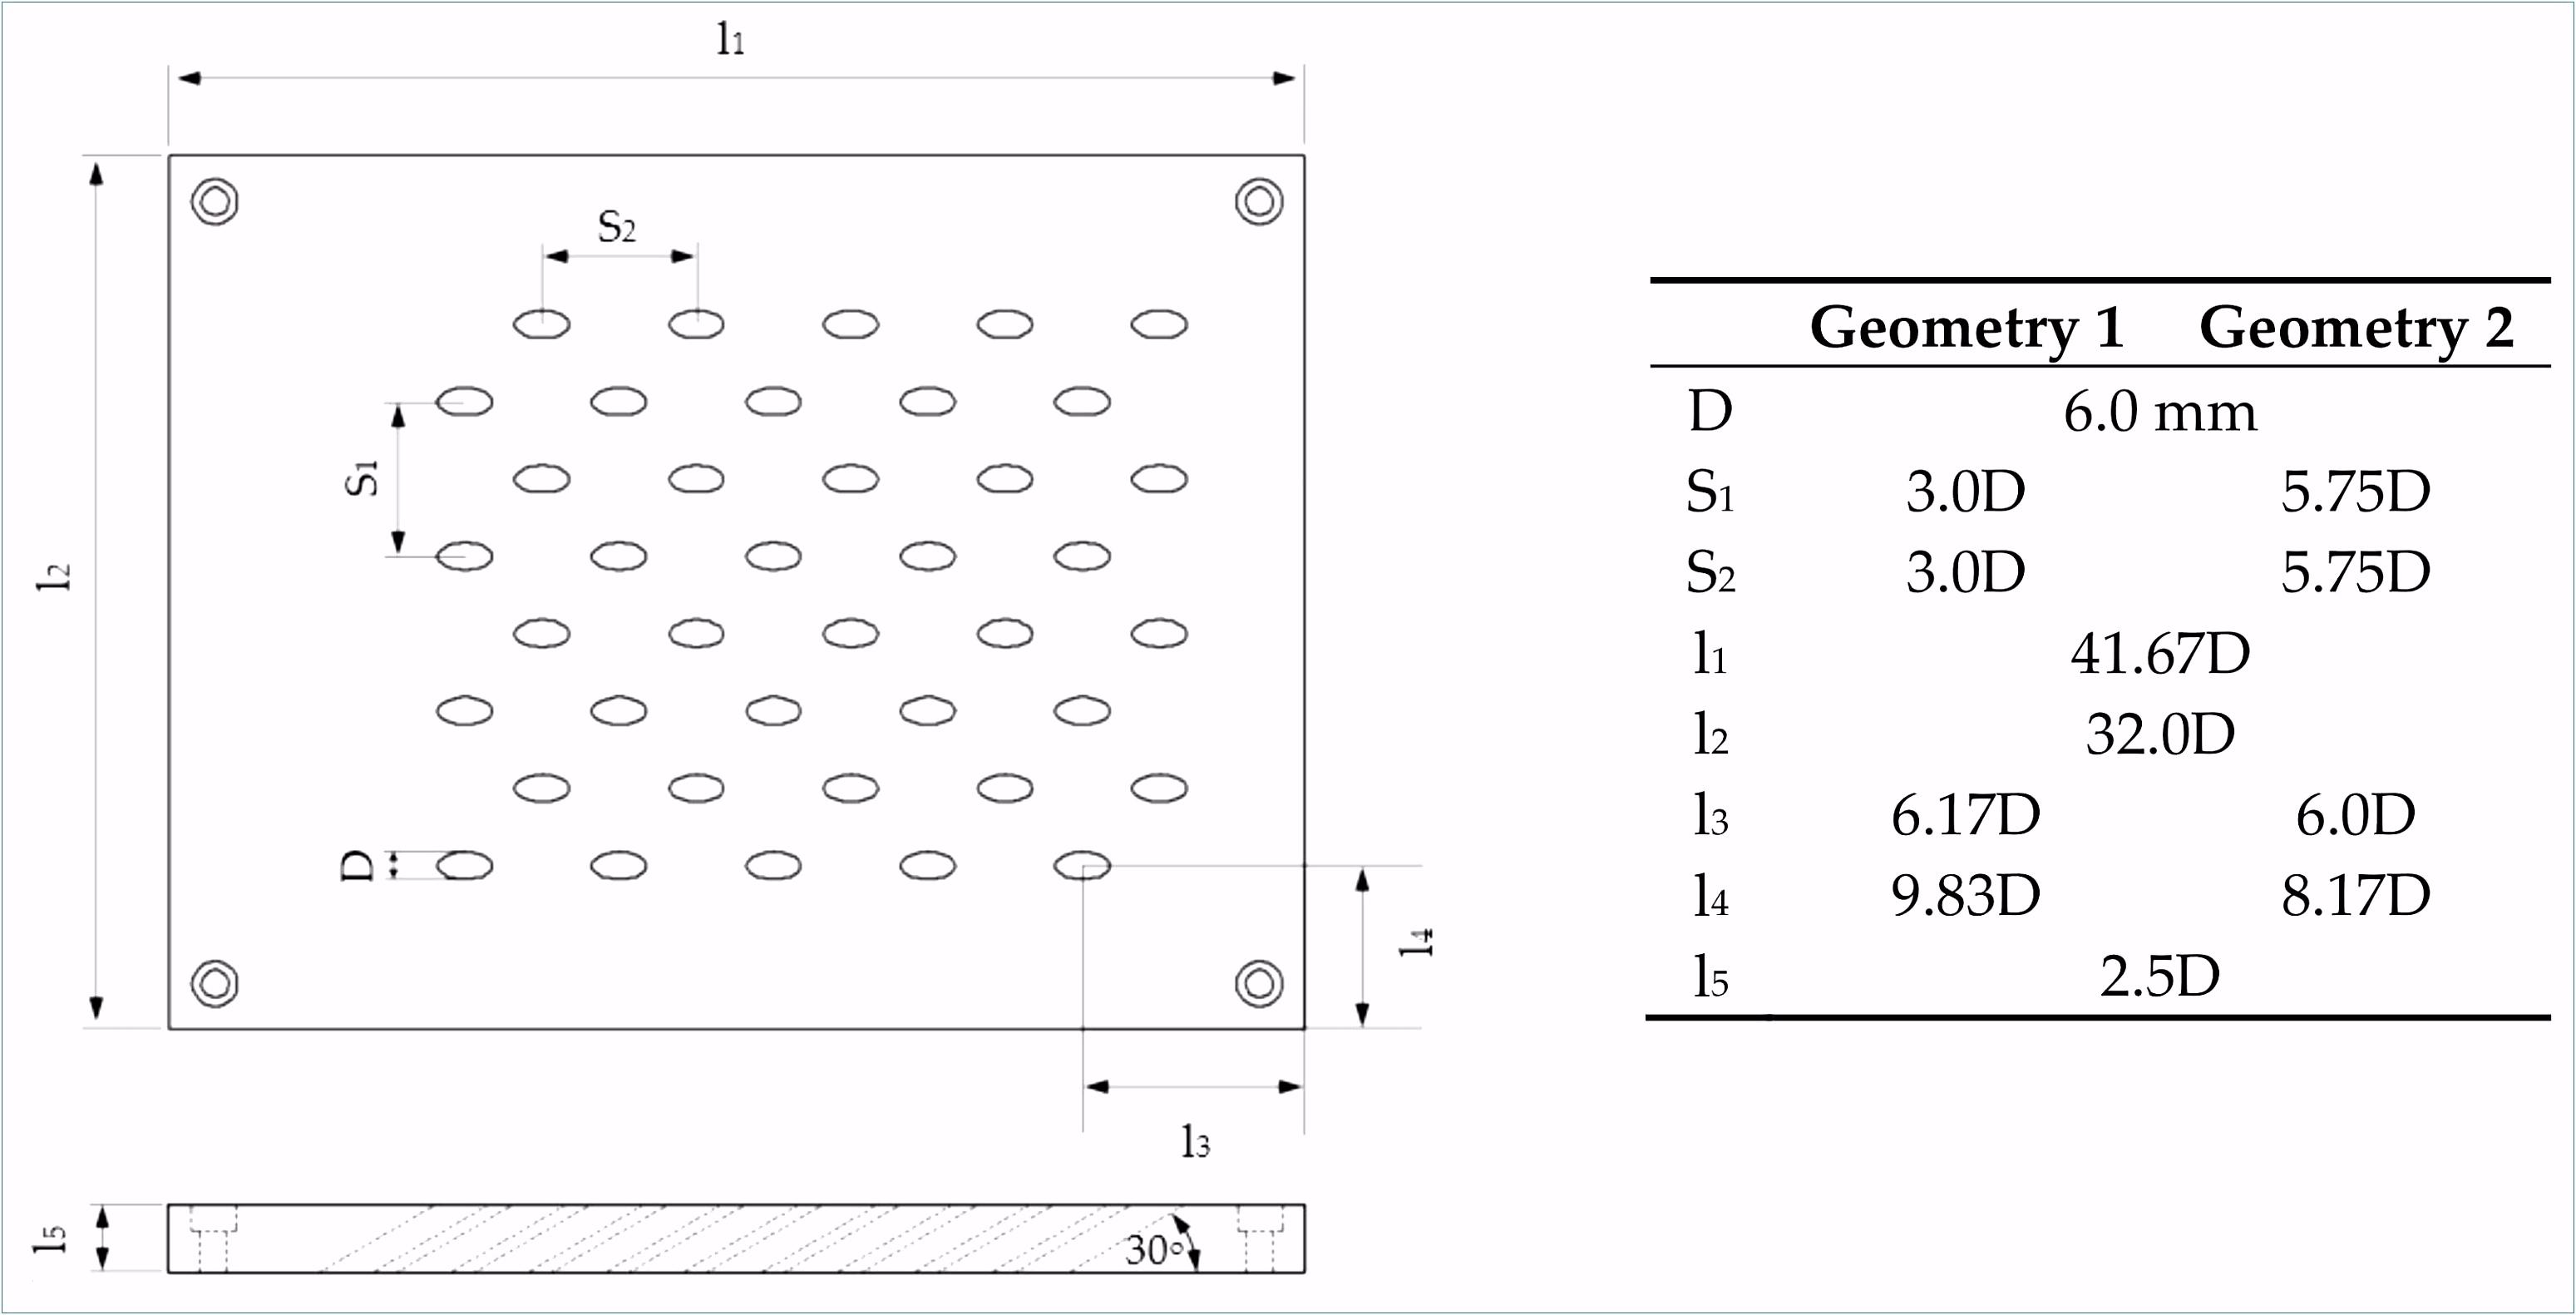 Bewerbungsschreiben Vorlage Einzelhandel 50 Frisch Bewerbungsschreiben Muster Ausbildung I3ja64uut3 Whpa5hiuah